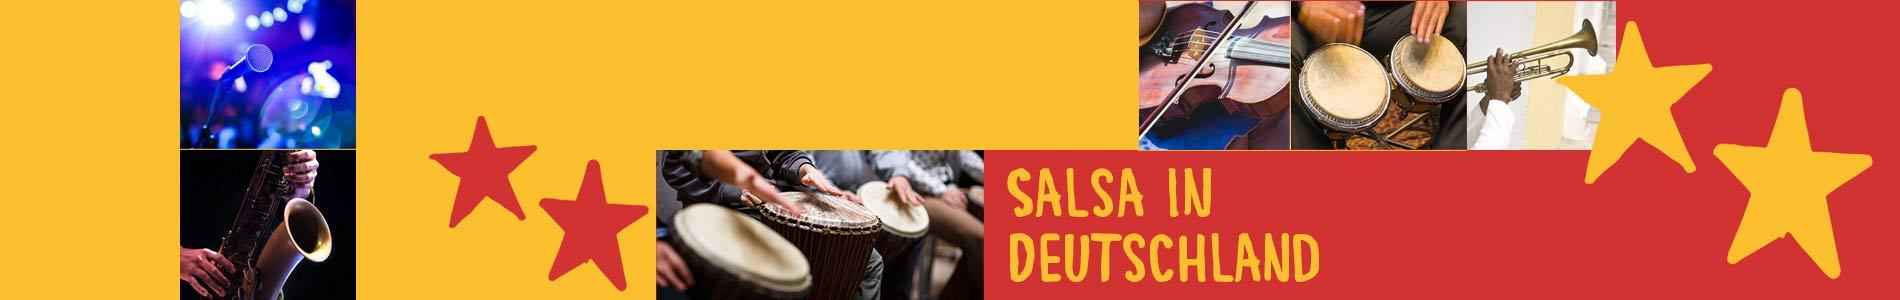 Salsa in Dernau – Salsa lernen und tanzen, Tanzkurse, Partys, Veranstaltungen